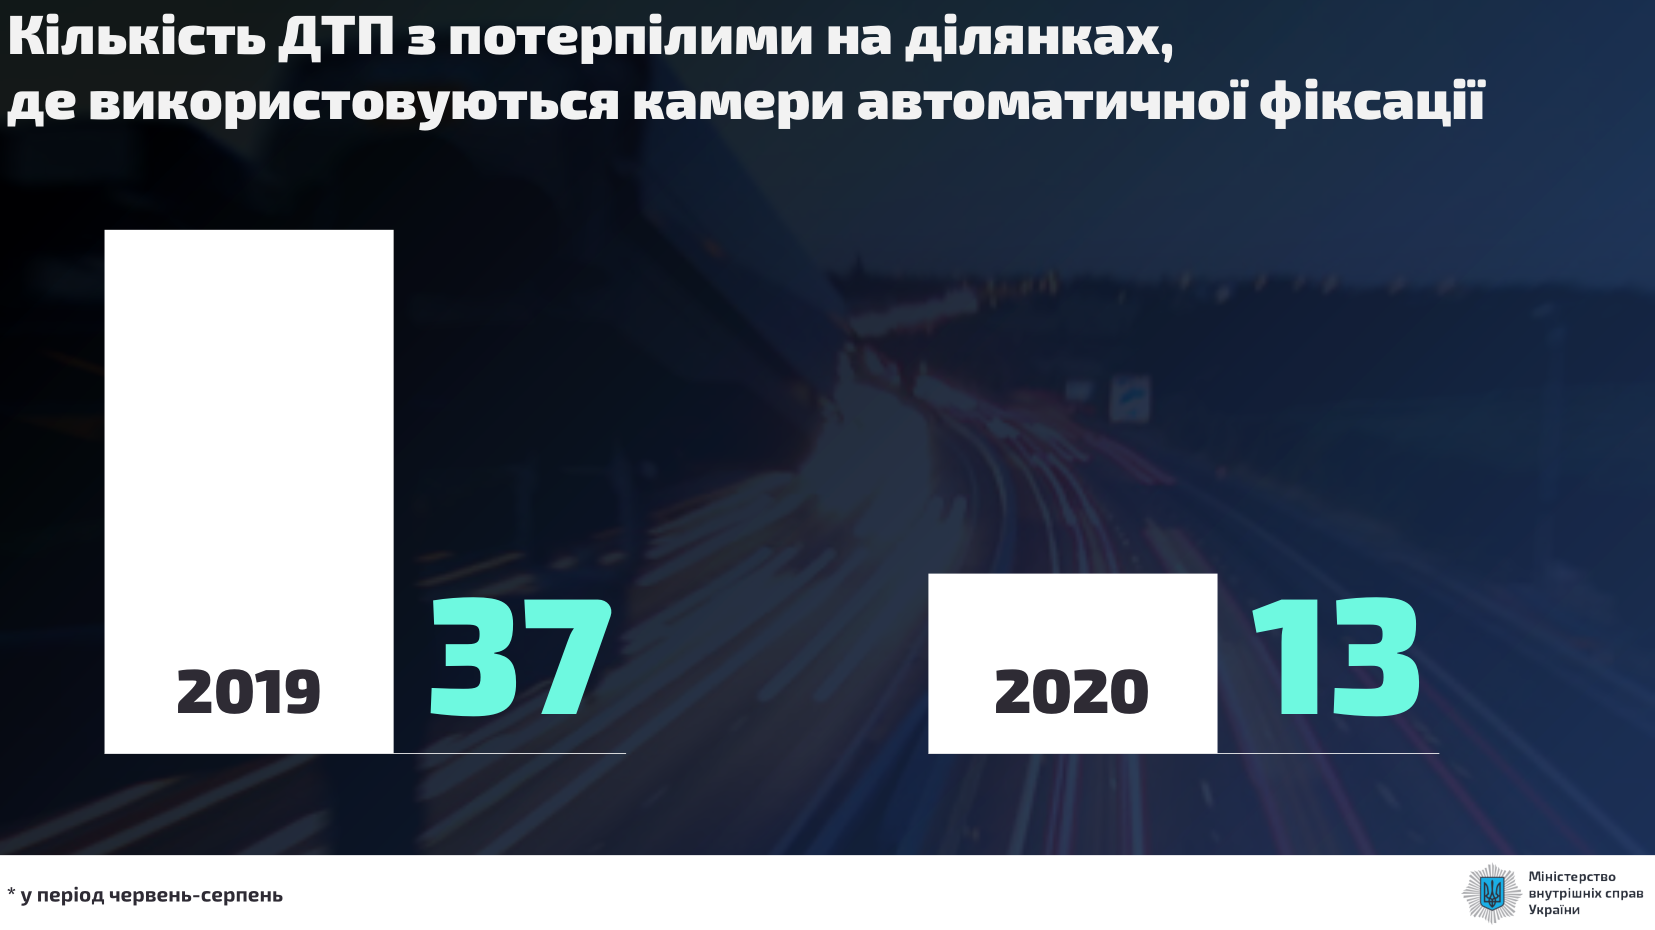 Уменьшение количества аварий на дорогах после установки камер.